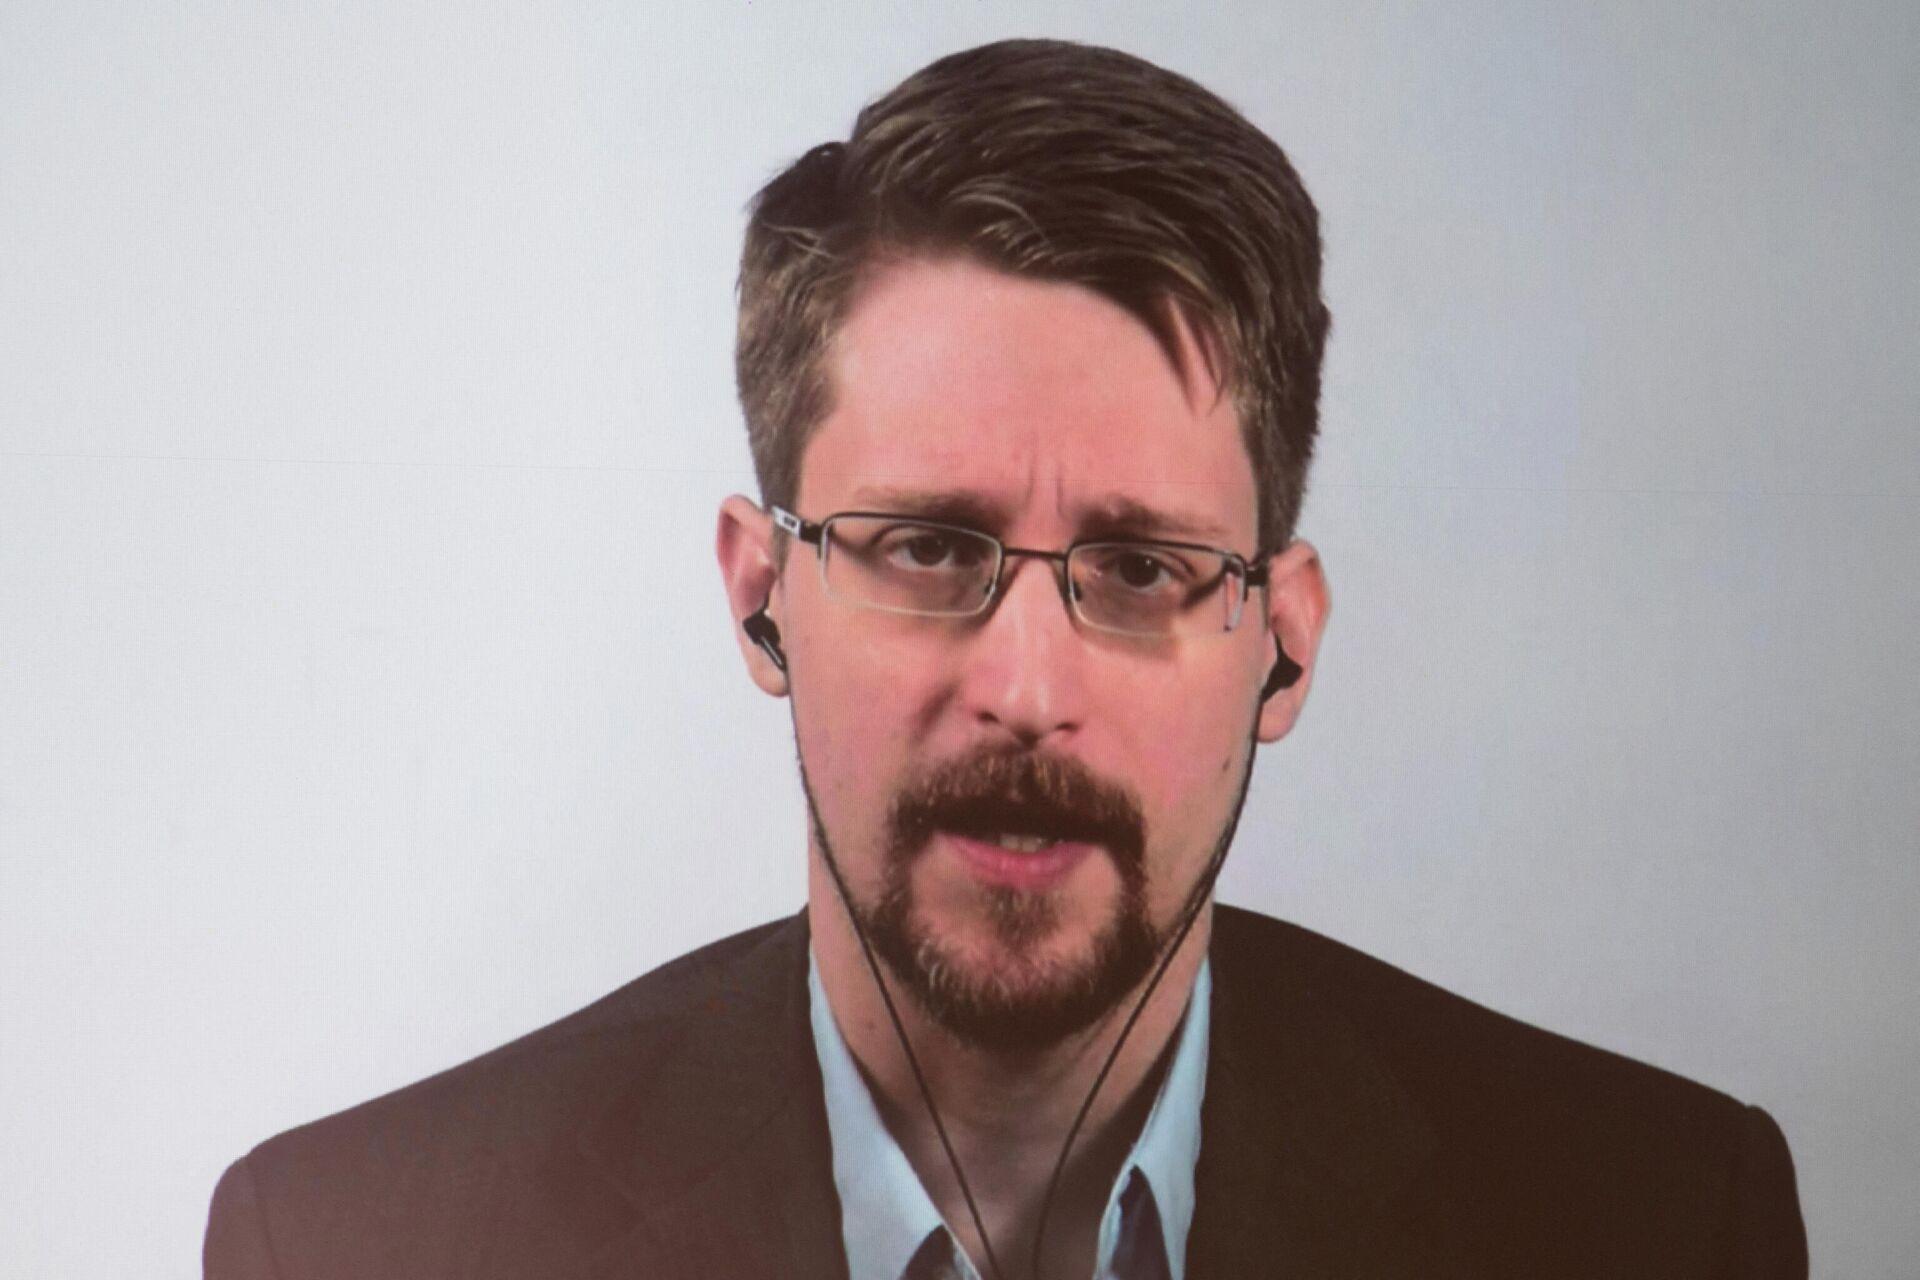 Эдвард Сноуден - Sputnik Узбекистан, 1920, 25.05.2021